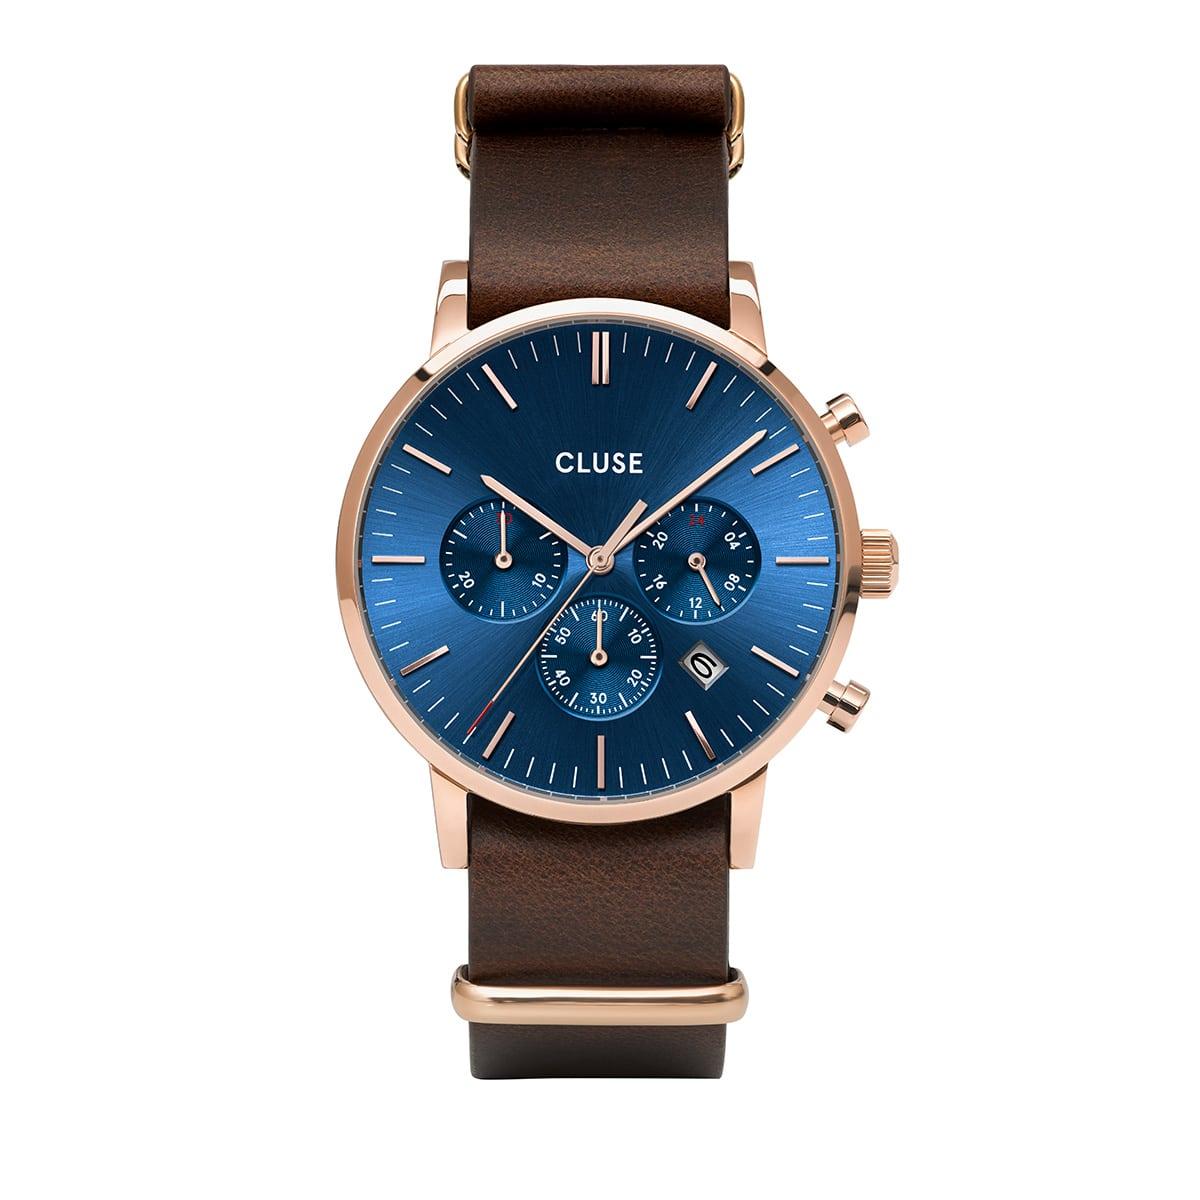 アラヴィスクロノ 40mm メンズ CLUSE クルース 腕時計